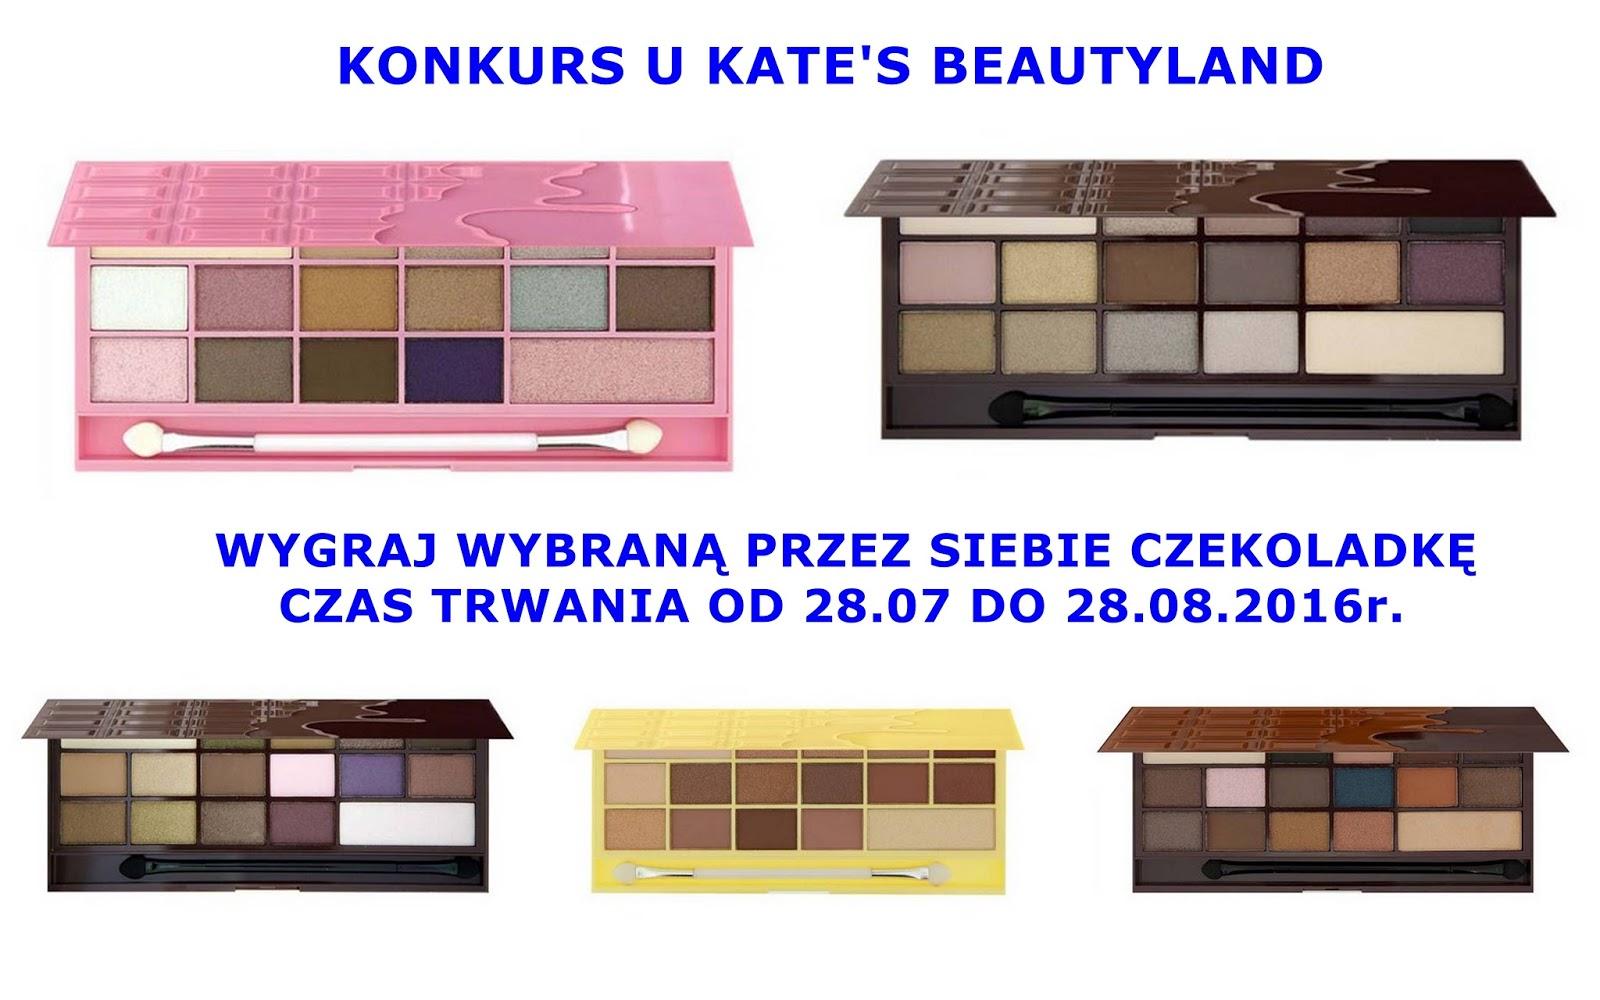 Konkurs do 01.09.2016